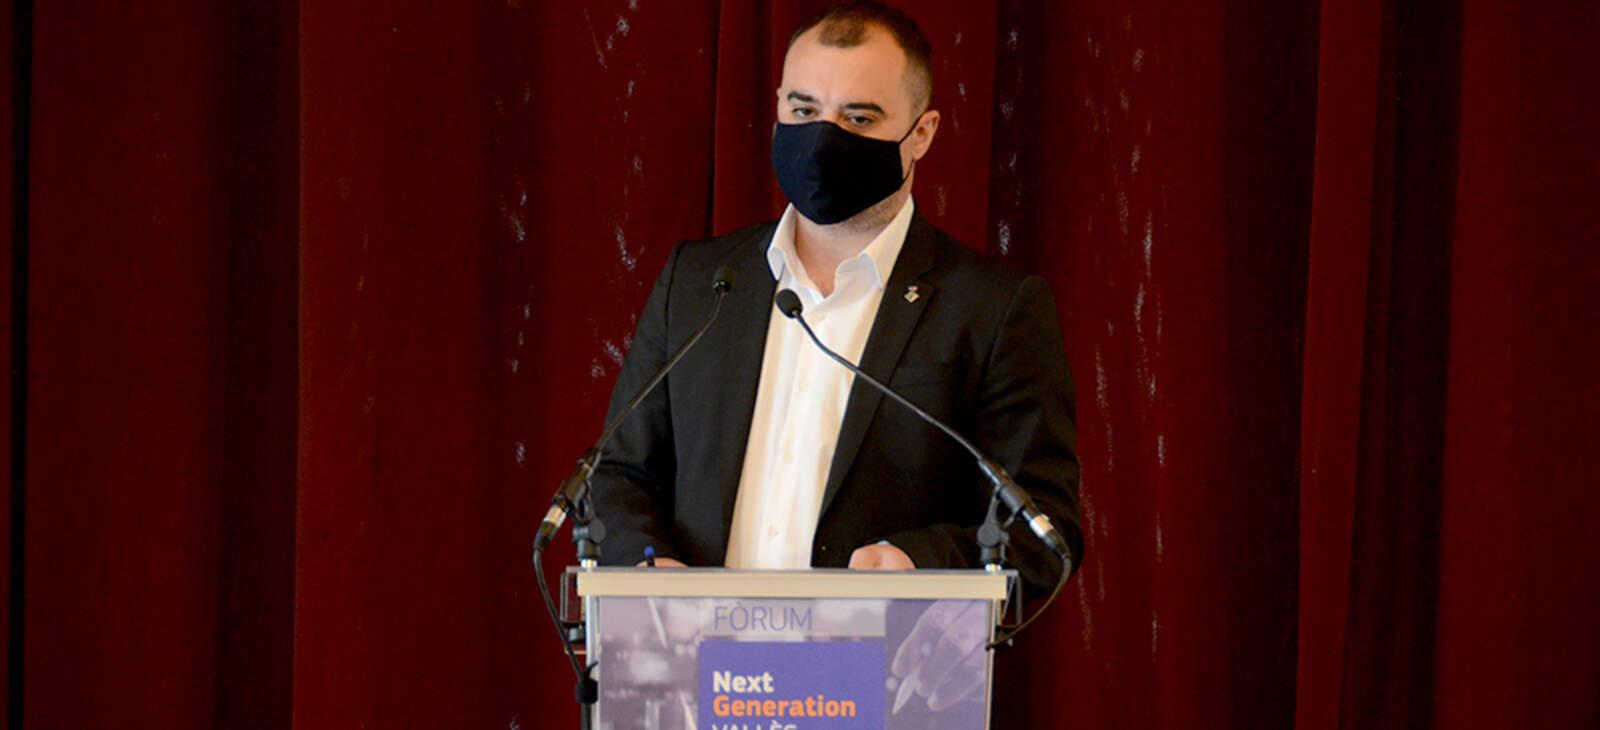 L'alcalde de Terrassa, Jordi Ballart, en la jornada Next Generation